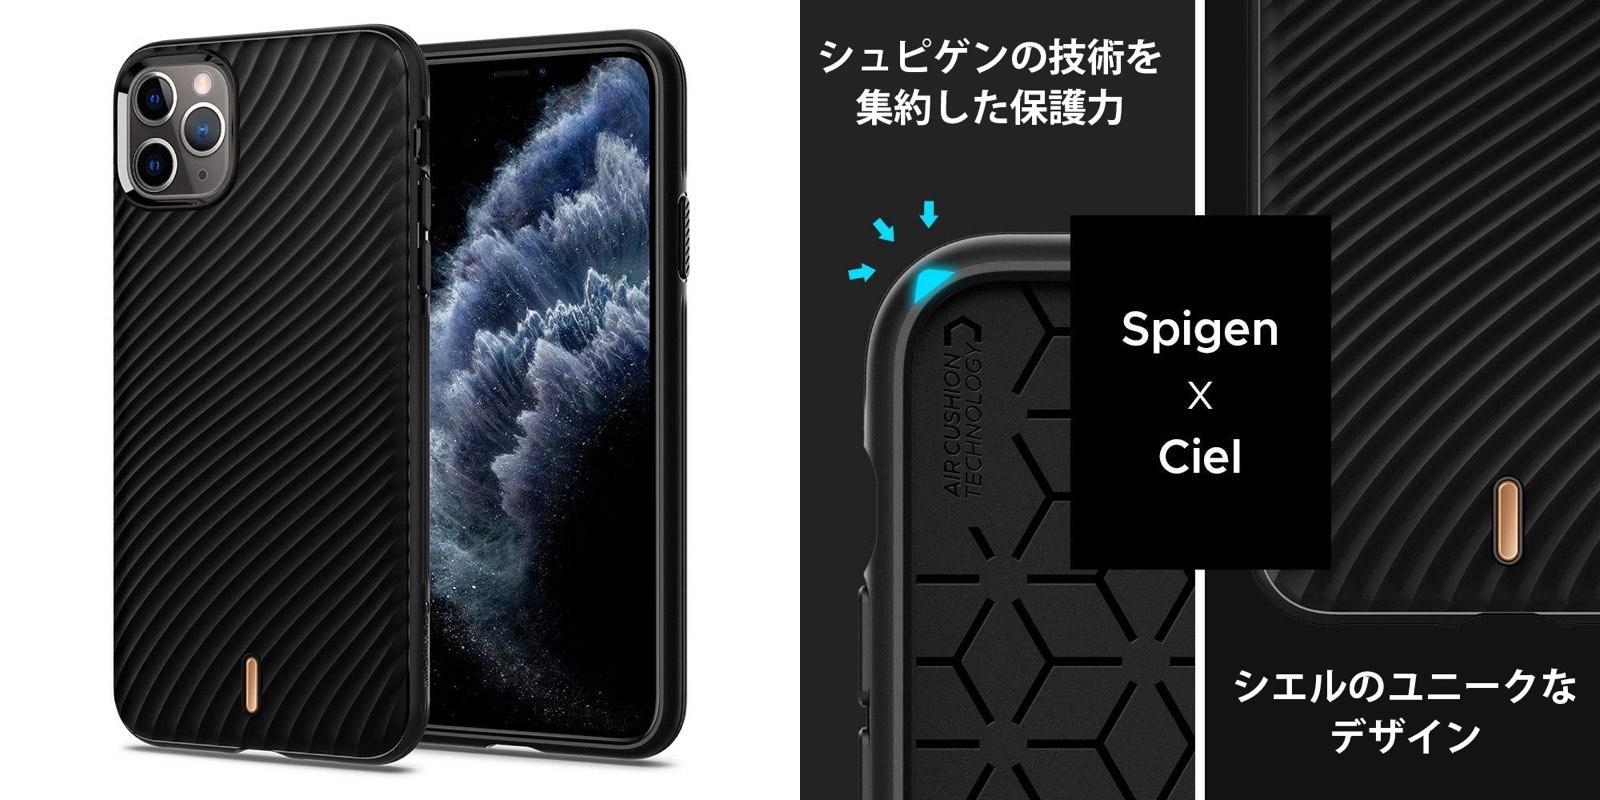 Spigen new brand Ciel 2